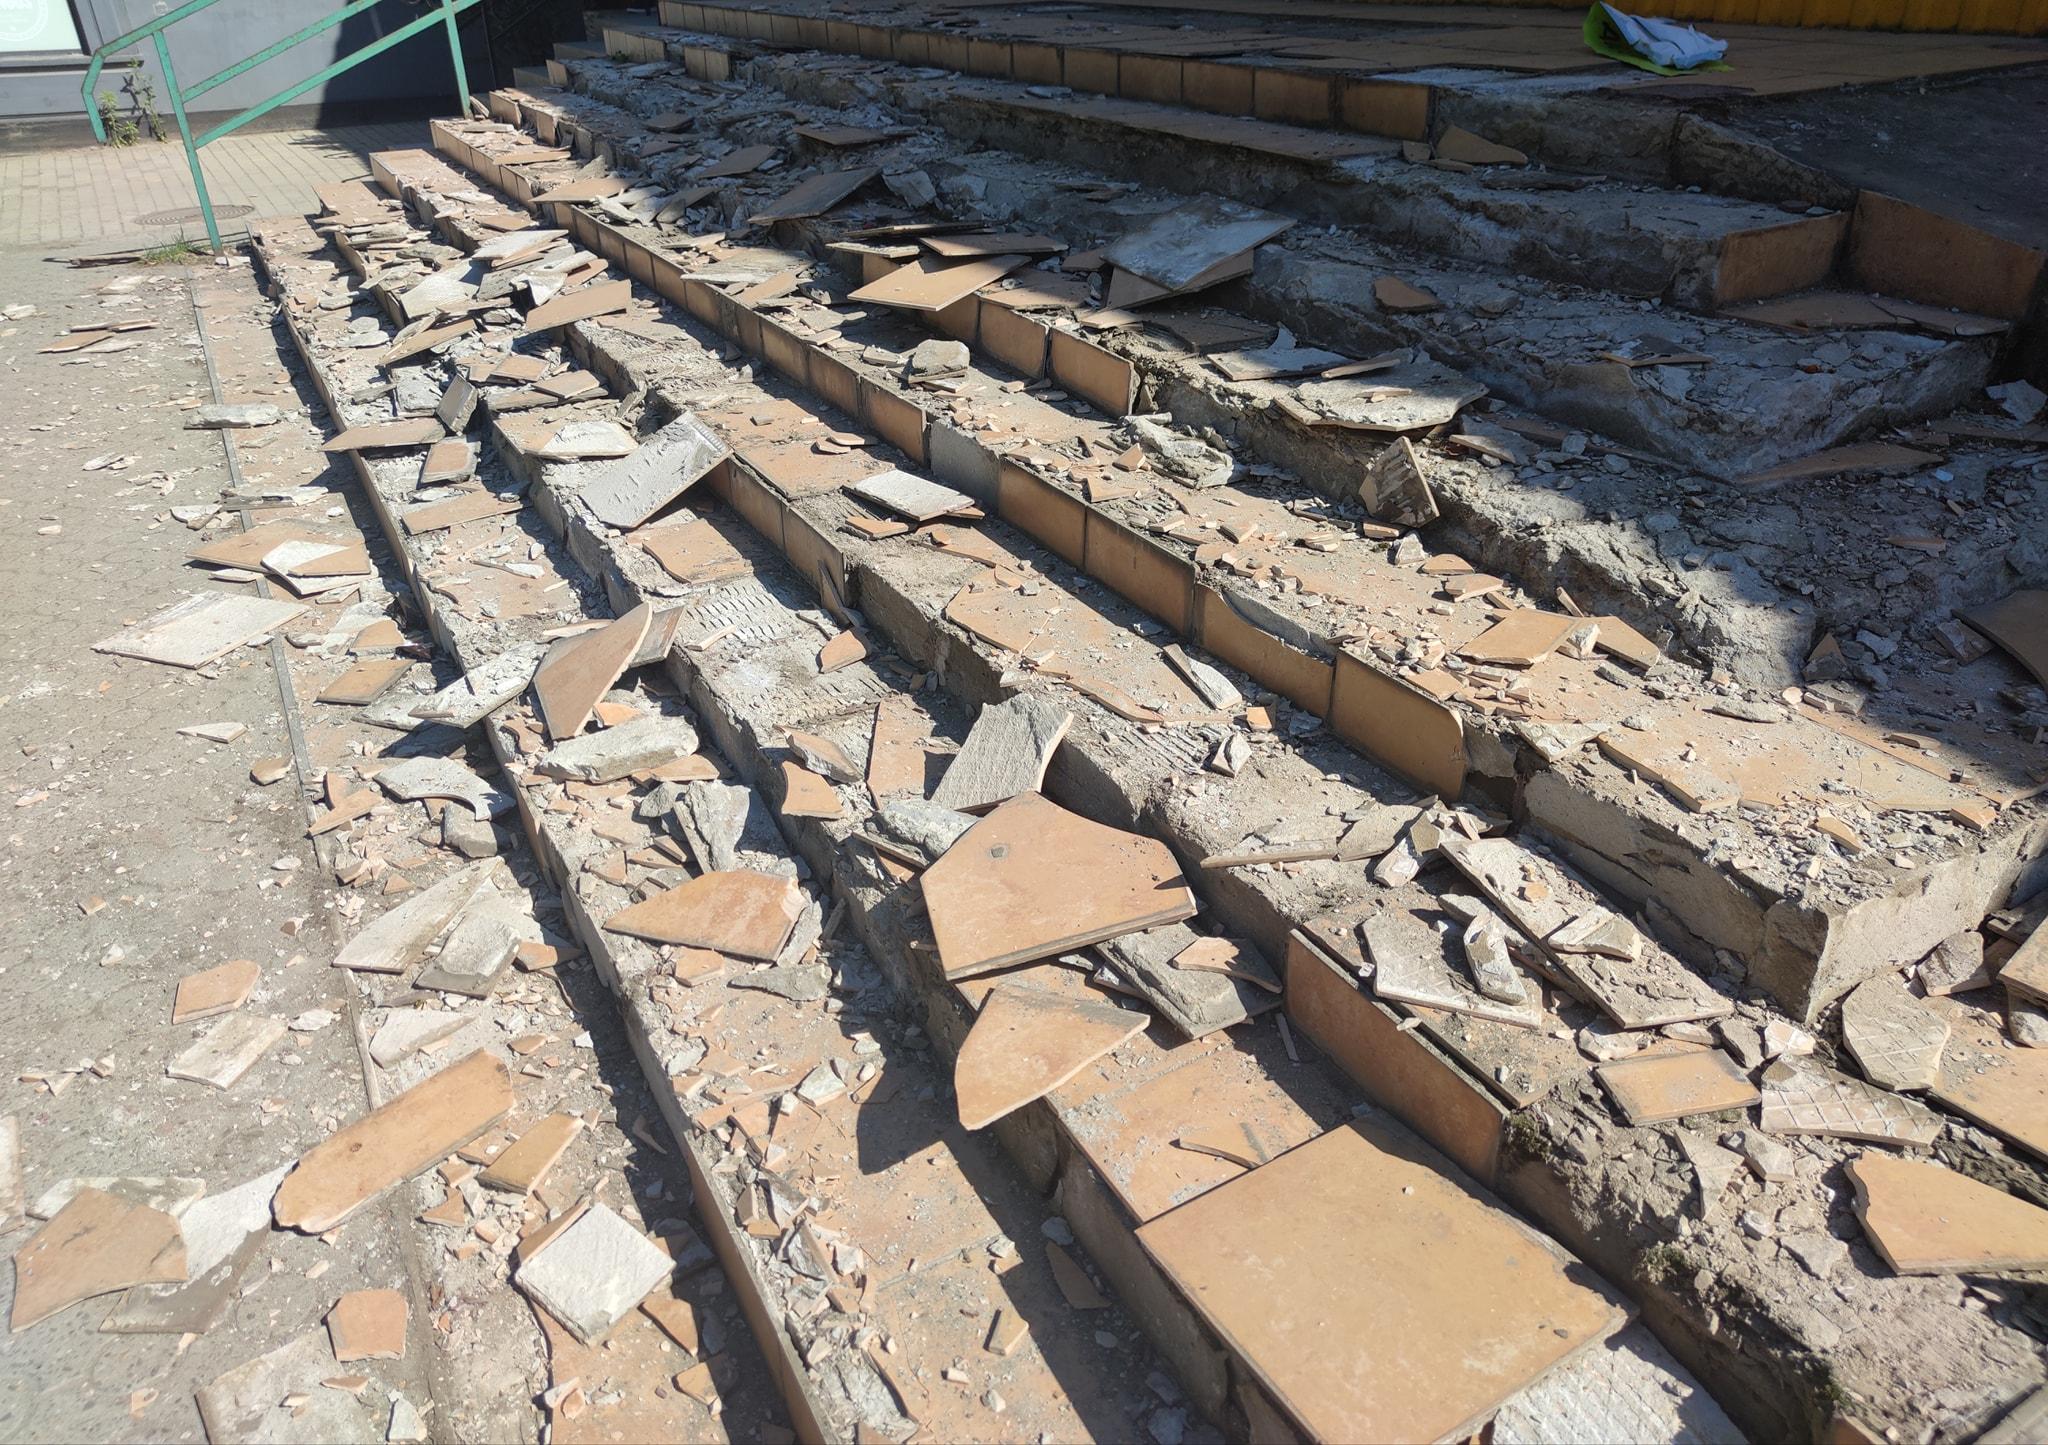 Зробили це роми через 5 кг алюмінієвих кутників, вартість яких на лівацьких металобрухтах складатиме біля 120 грн.